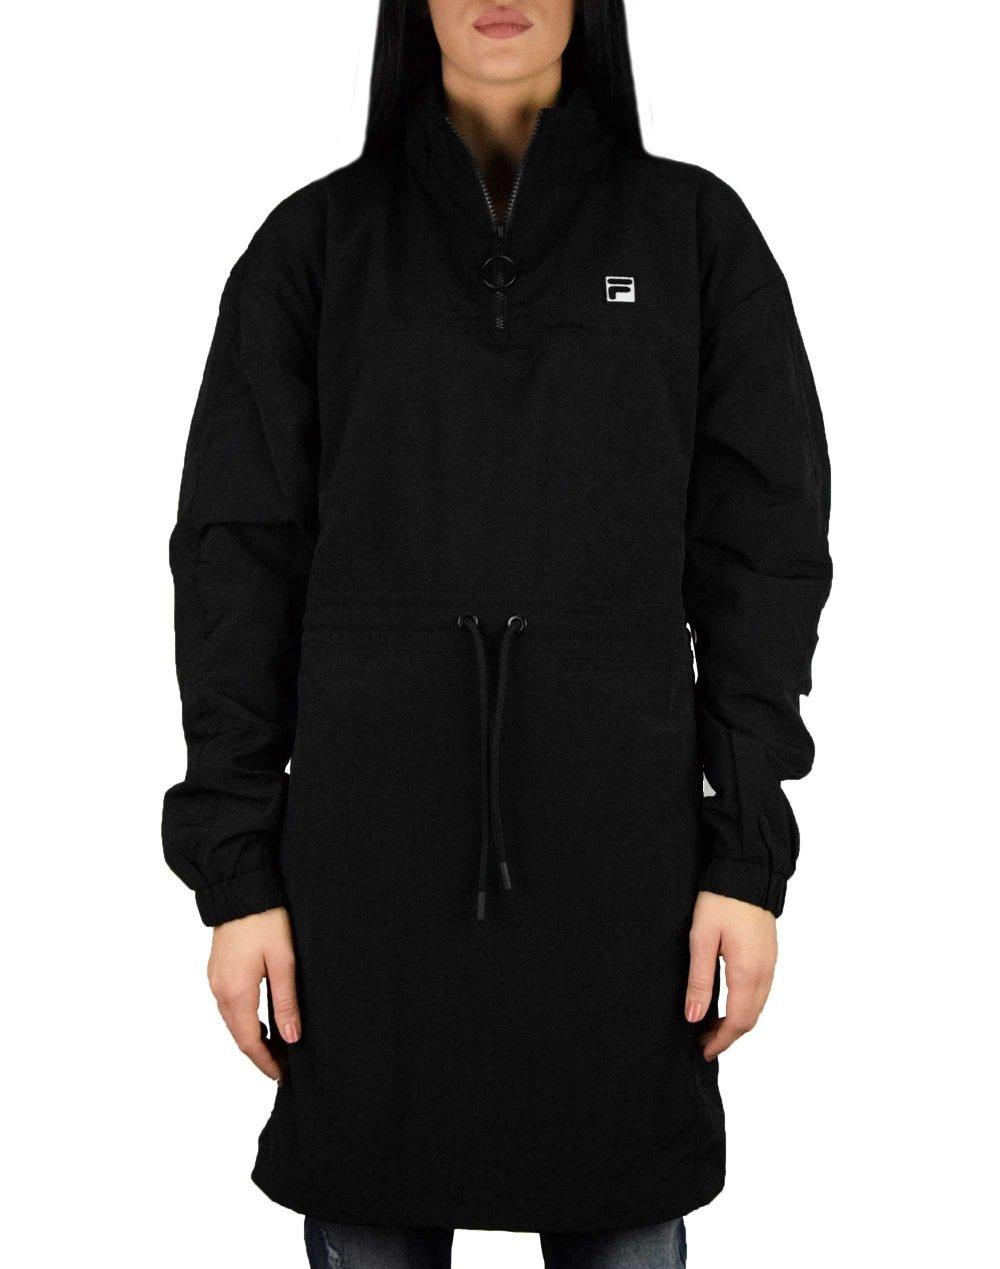 Fila Bijou Track Mini Dress LW933224 001 Black 1